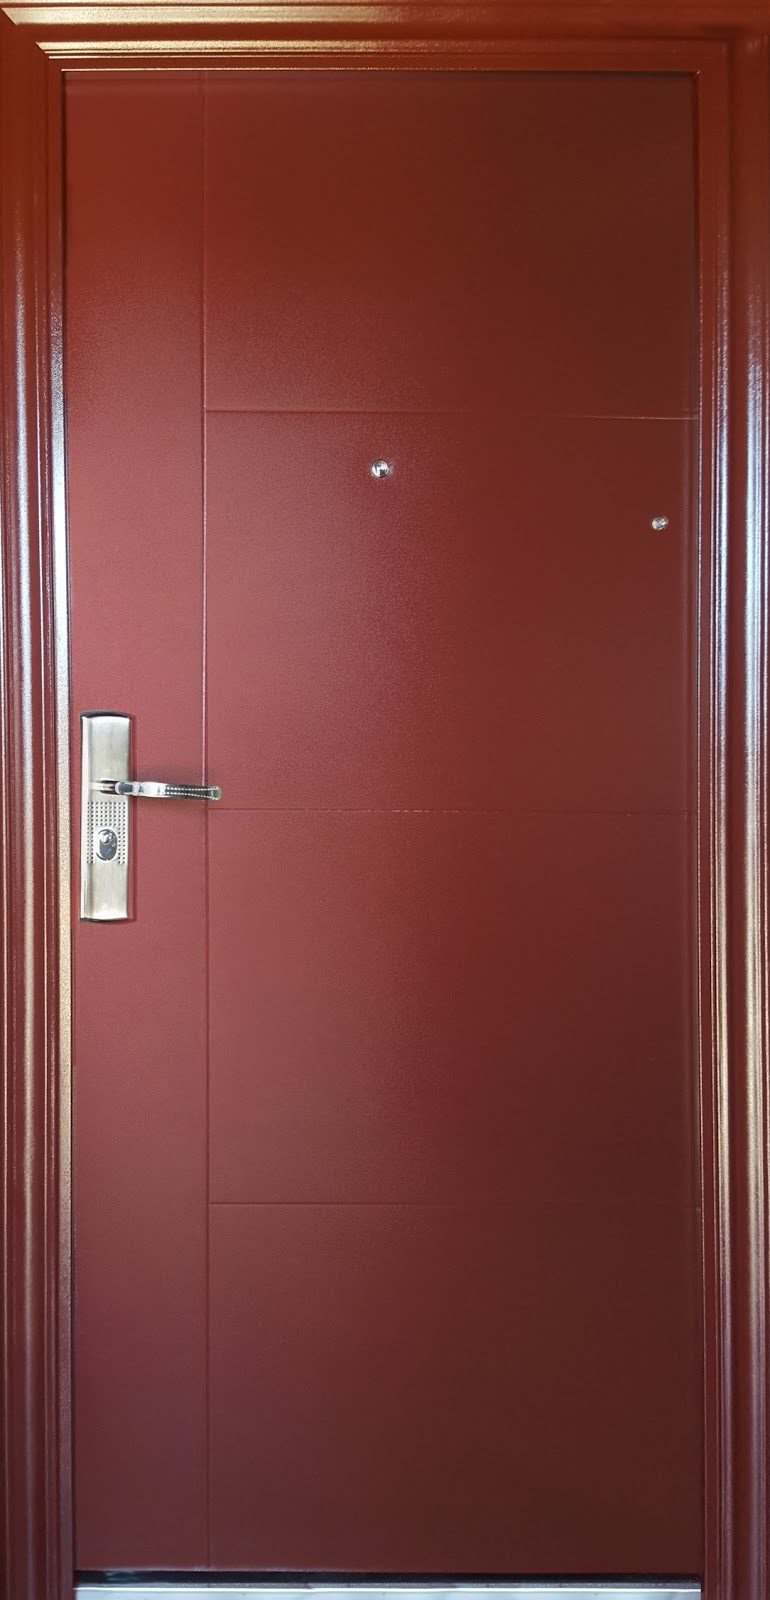 Puertas de seguridad estilo europeo ventanas de aluminio - Puertas seguridad ...